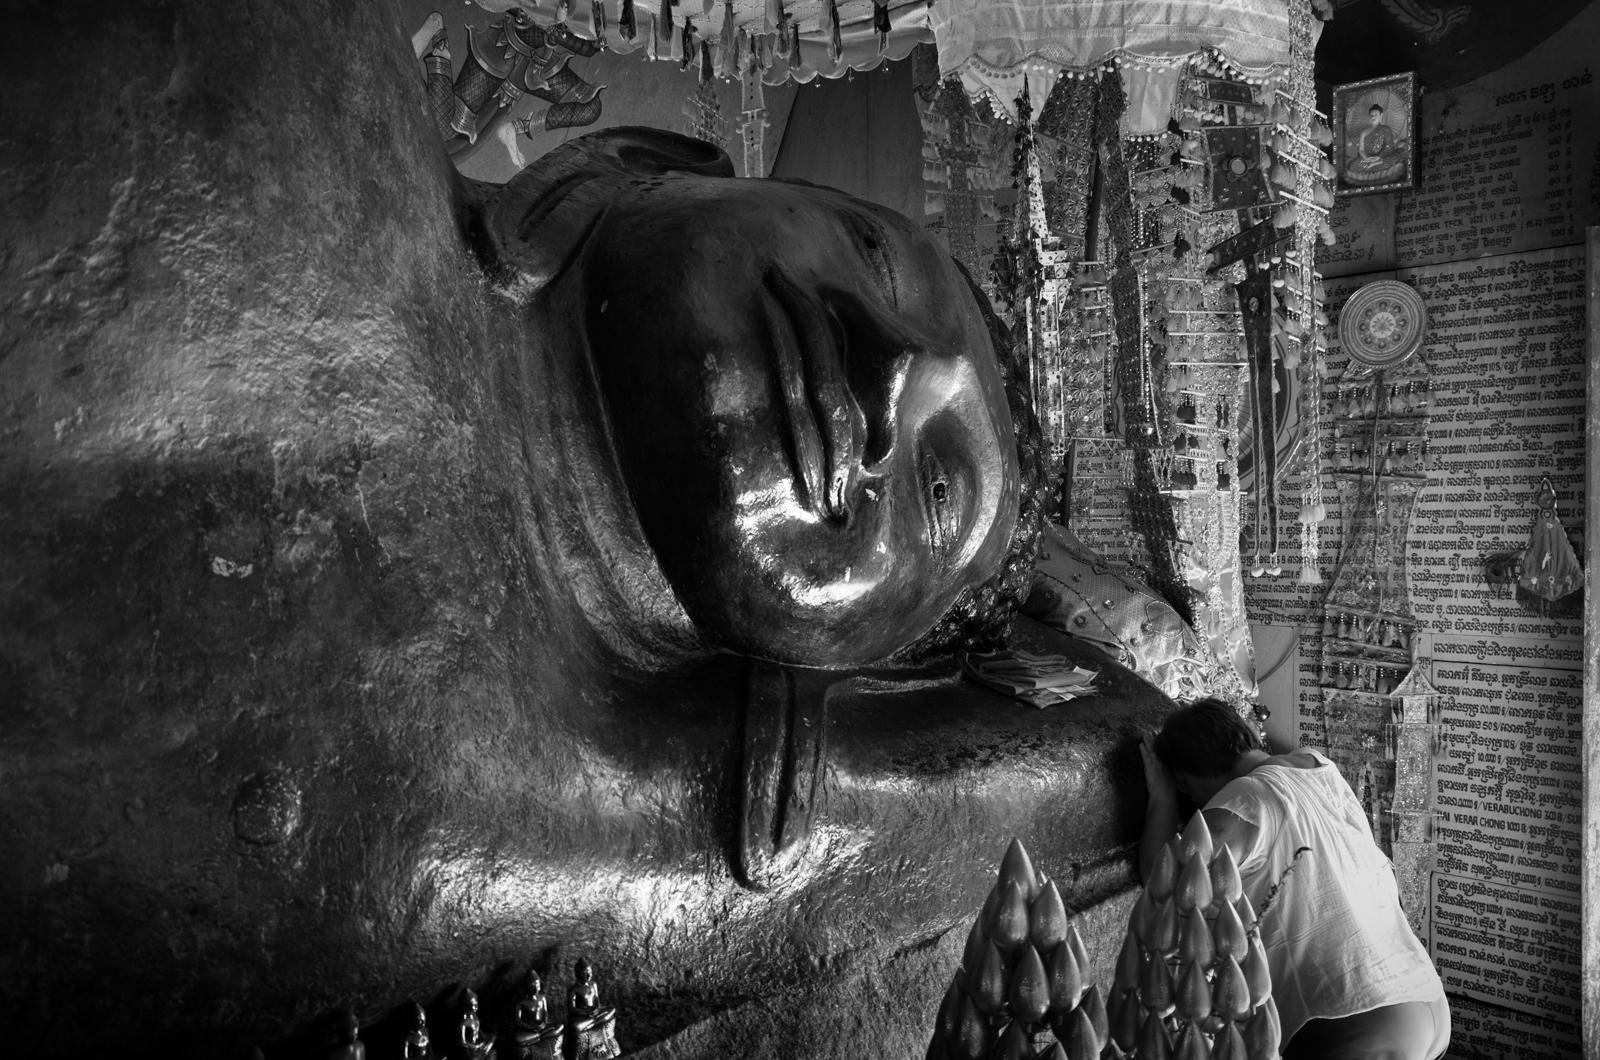 Phnom Kulen - Auf der Spitze eines Felsens ist ein 15m langer Buddah in den Stein gemeisselt. Es ist das Zentrum des Heiligtums Preah Ang Thom.